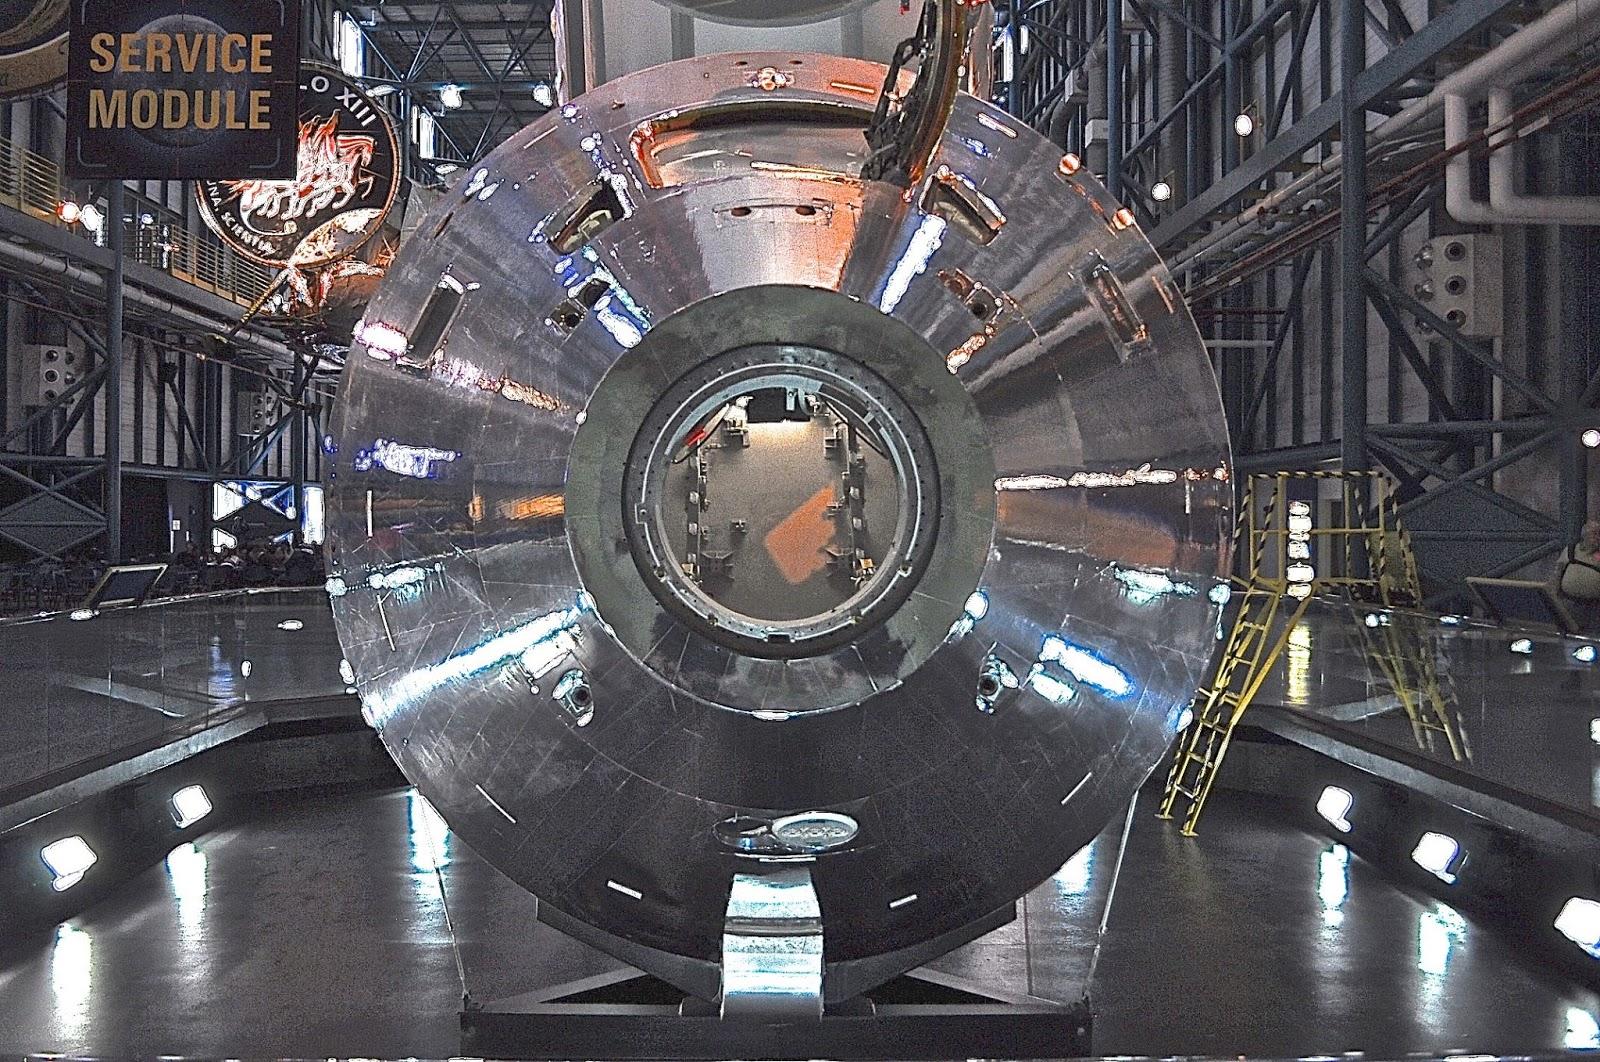 apollo spacecraft command module - photo #14